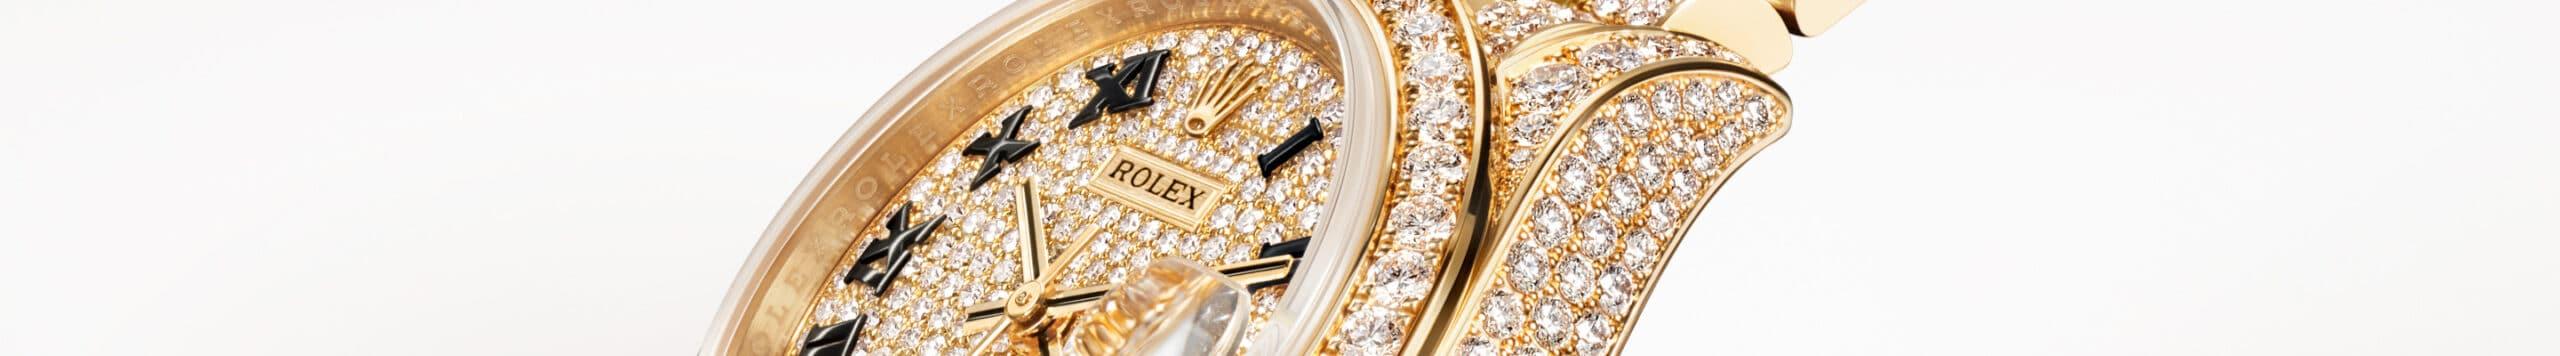 นาฬิกา Rolex Lady-Datejust ที่ เอ็น จี จี ไทม์พีซ อุดรธานี